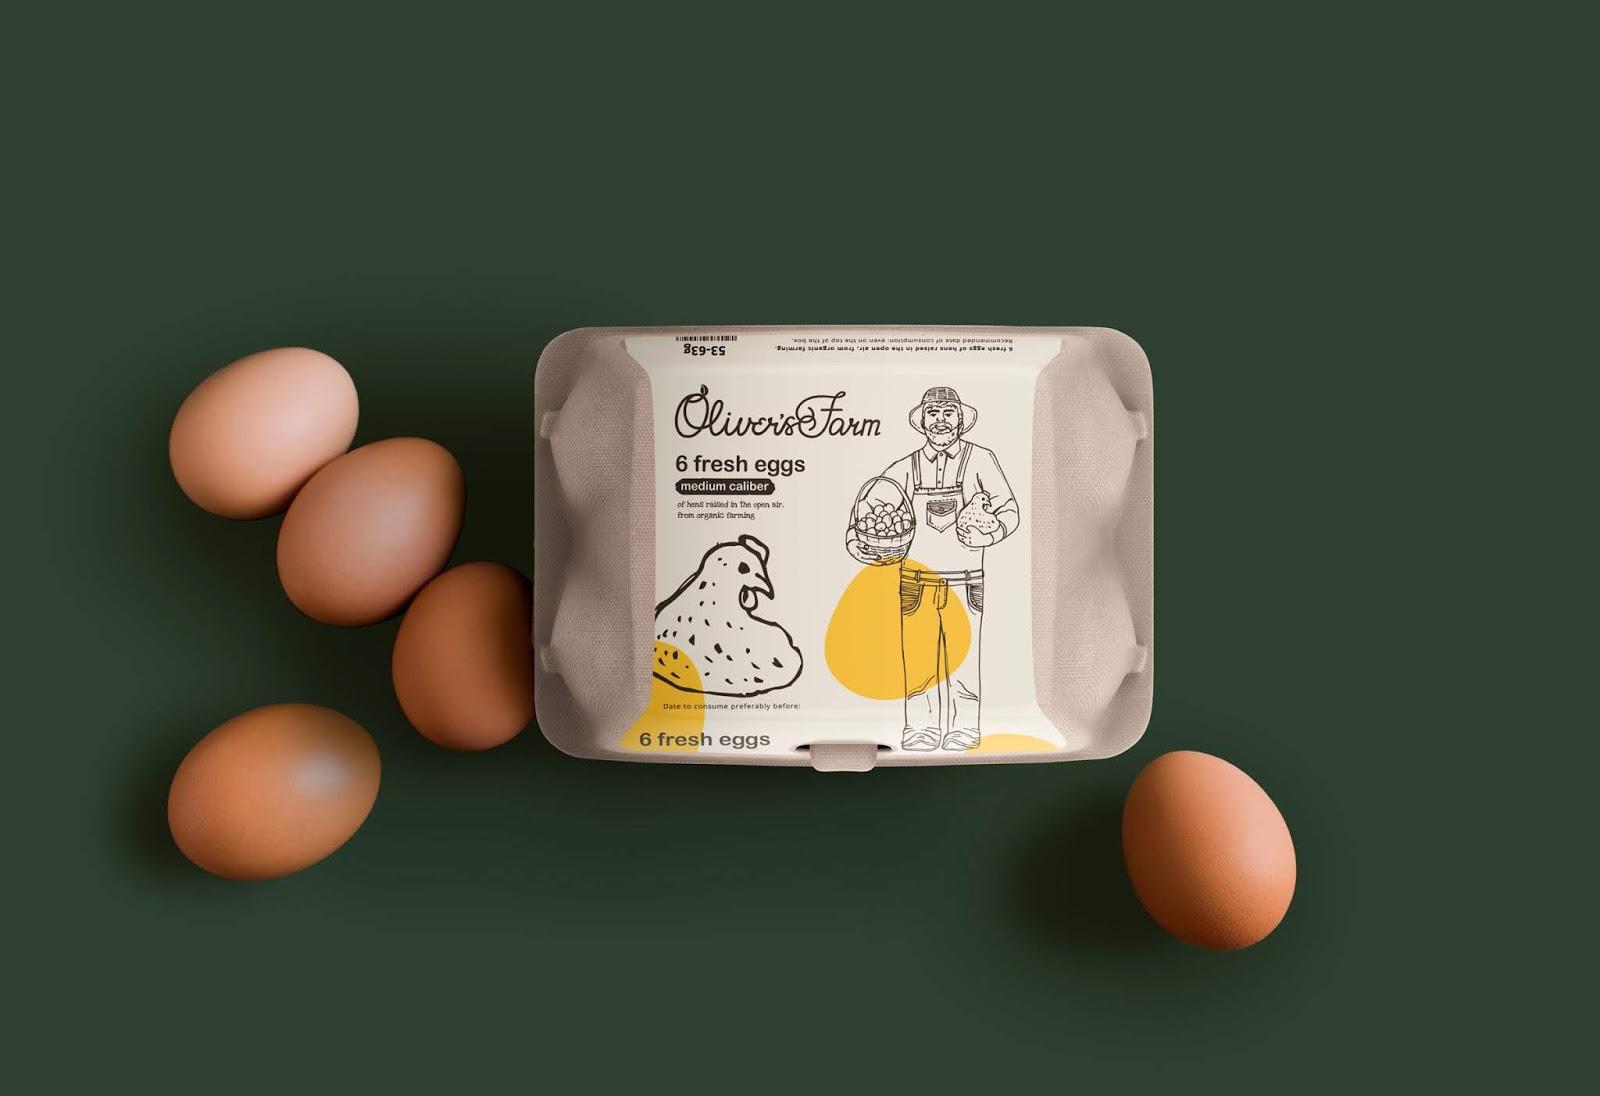 Oliver's Farm鸡蛋包装盒设计